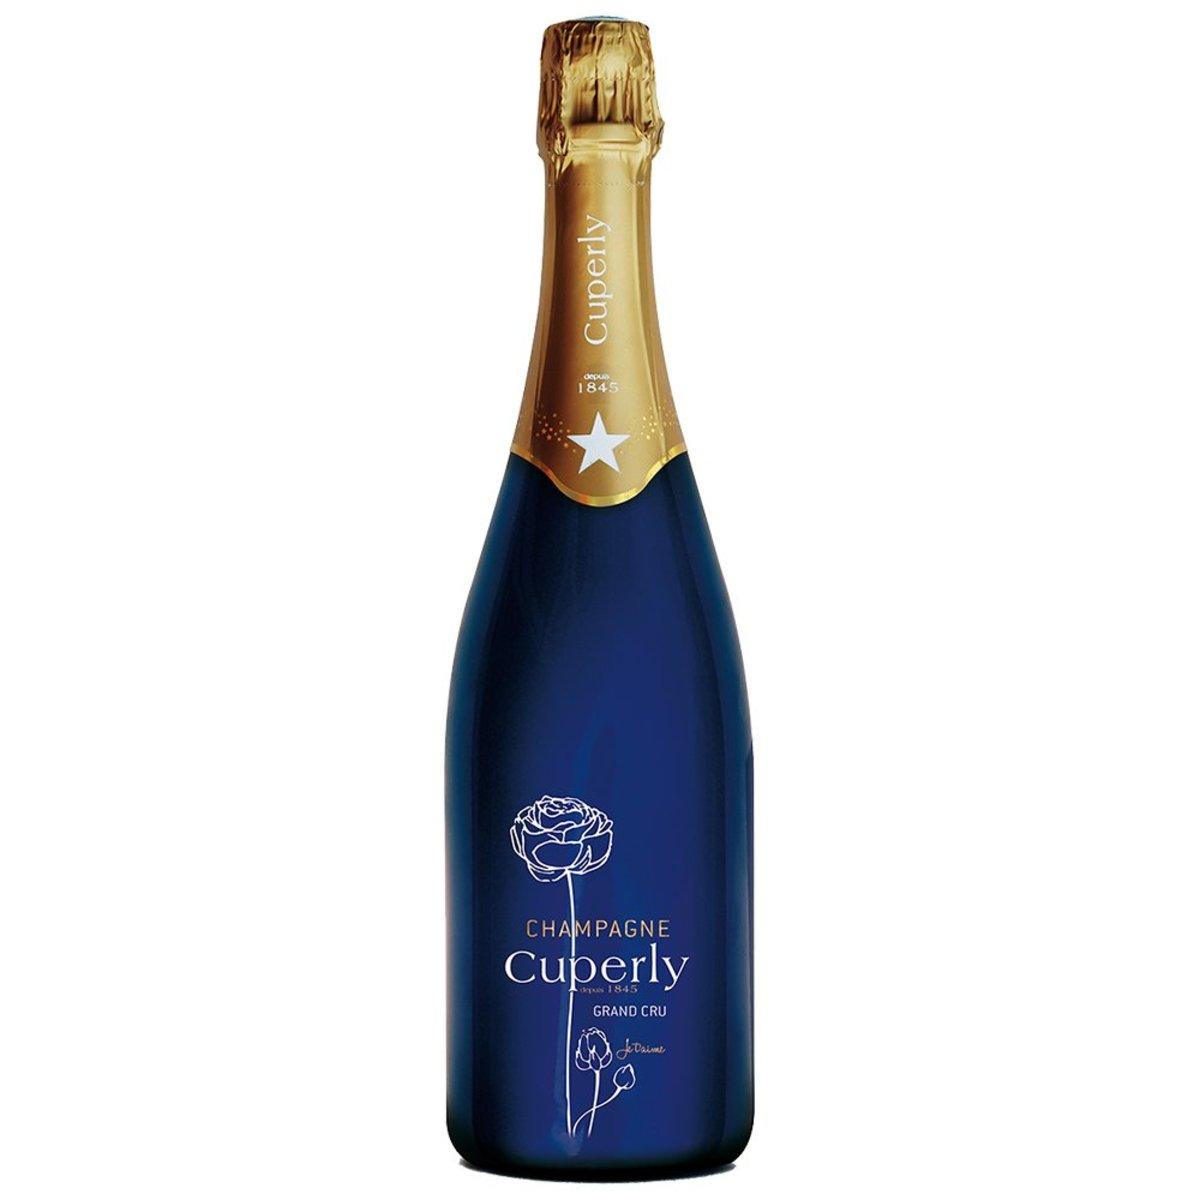 Cuperly - Prestige Fleur Grand Cru Brut